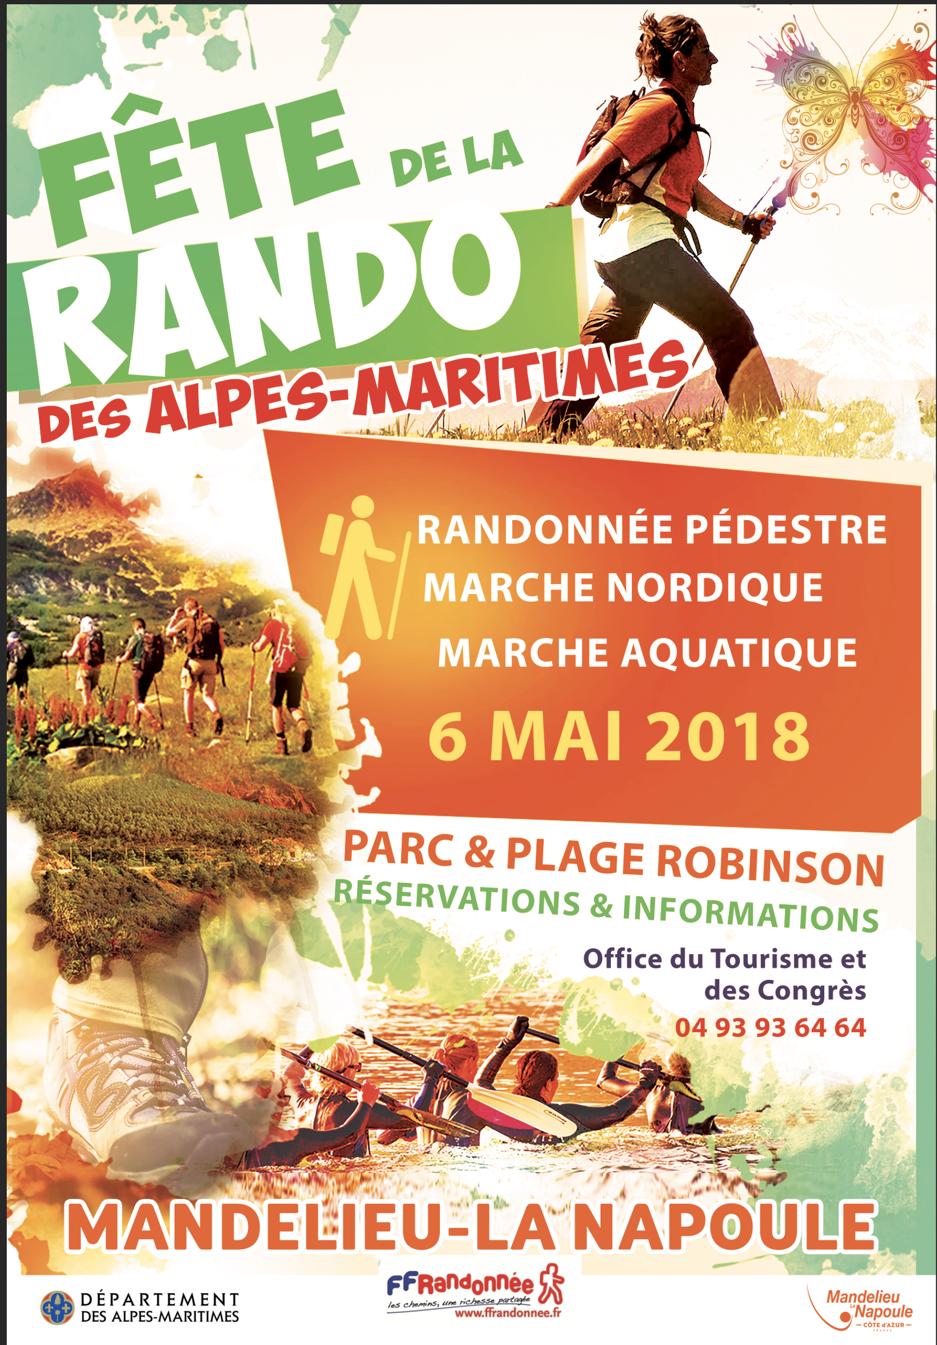 Affiche-office-tourisme-fete de la rando-2018-finale